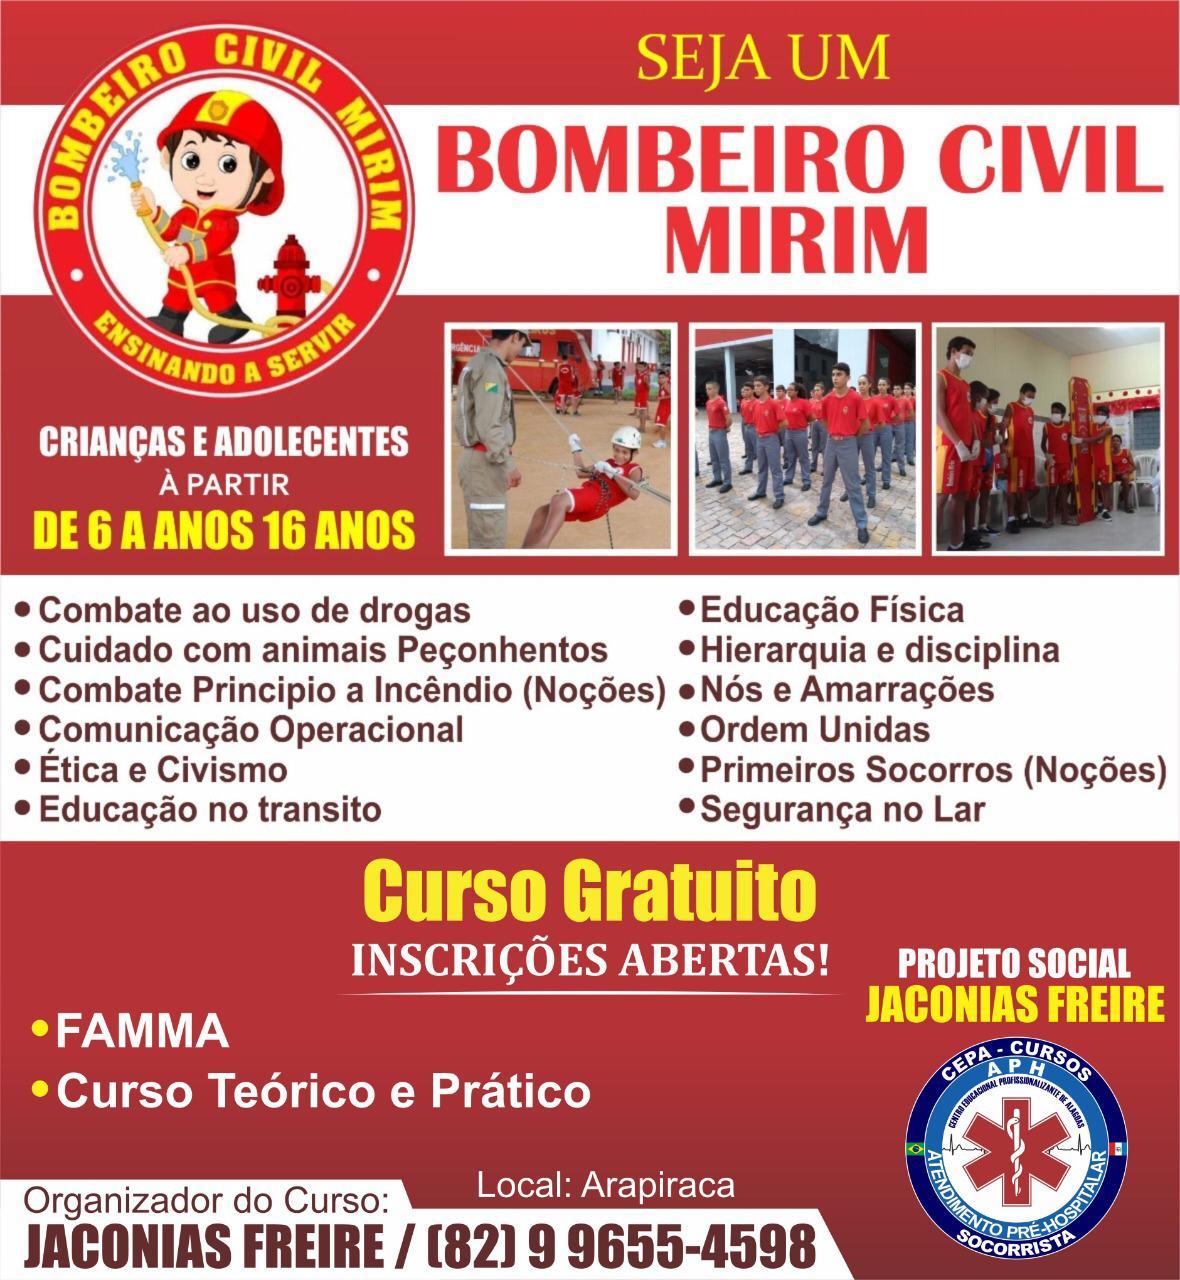 CEPA - CURSOS: Projeto social Jaconias Freire: Curso gratuito Bombeiro Civil Mirim